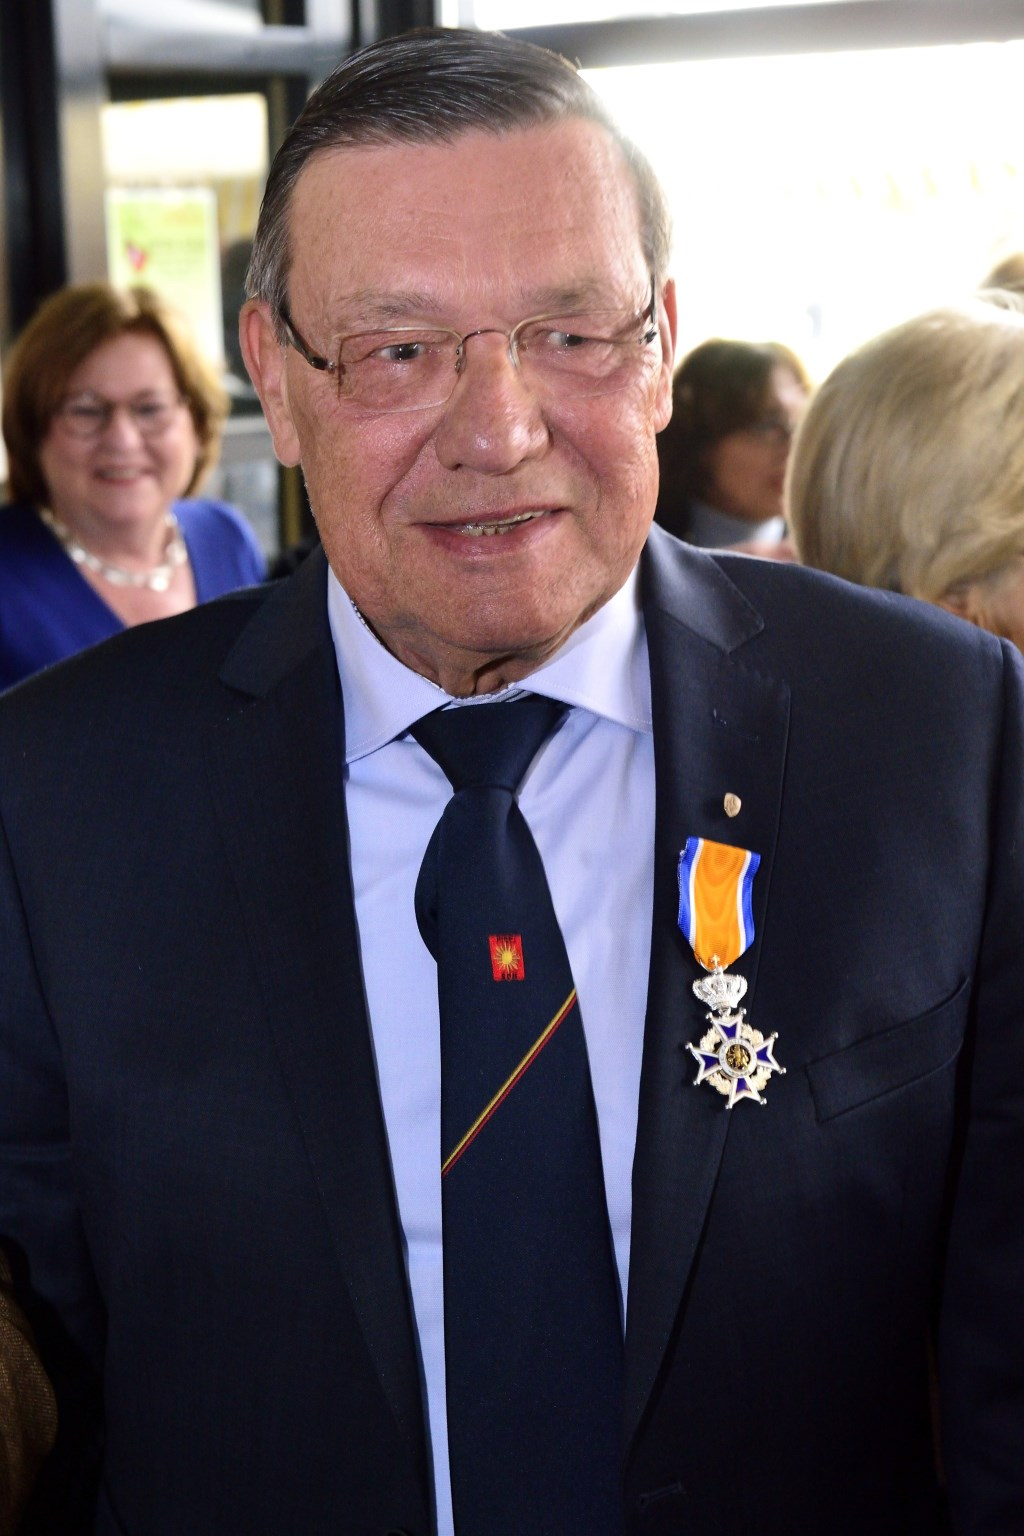 Koninklijke onderscheiding voor Frans van Vught Foto: Wil Feijen © DeMooiSonenBreugelKrant